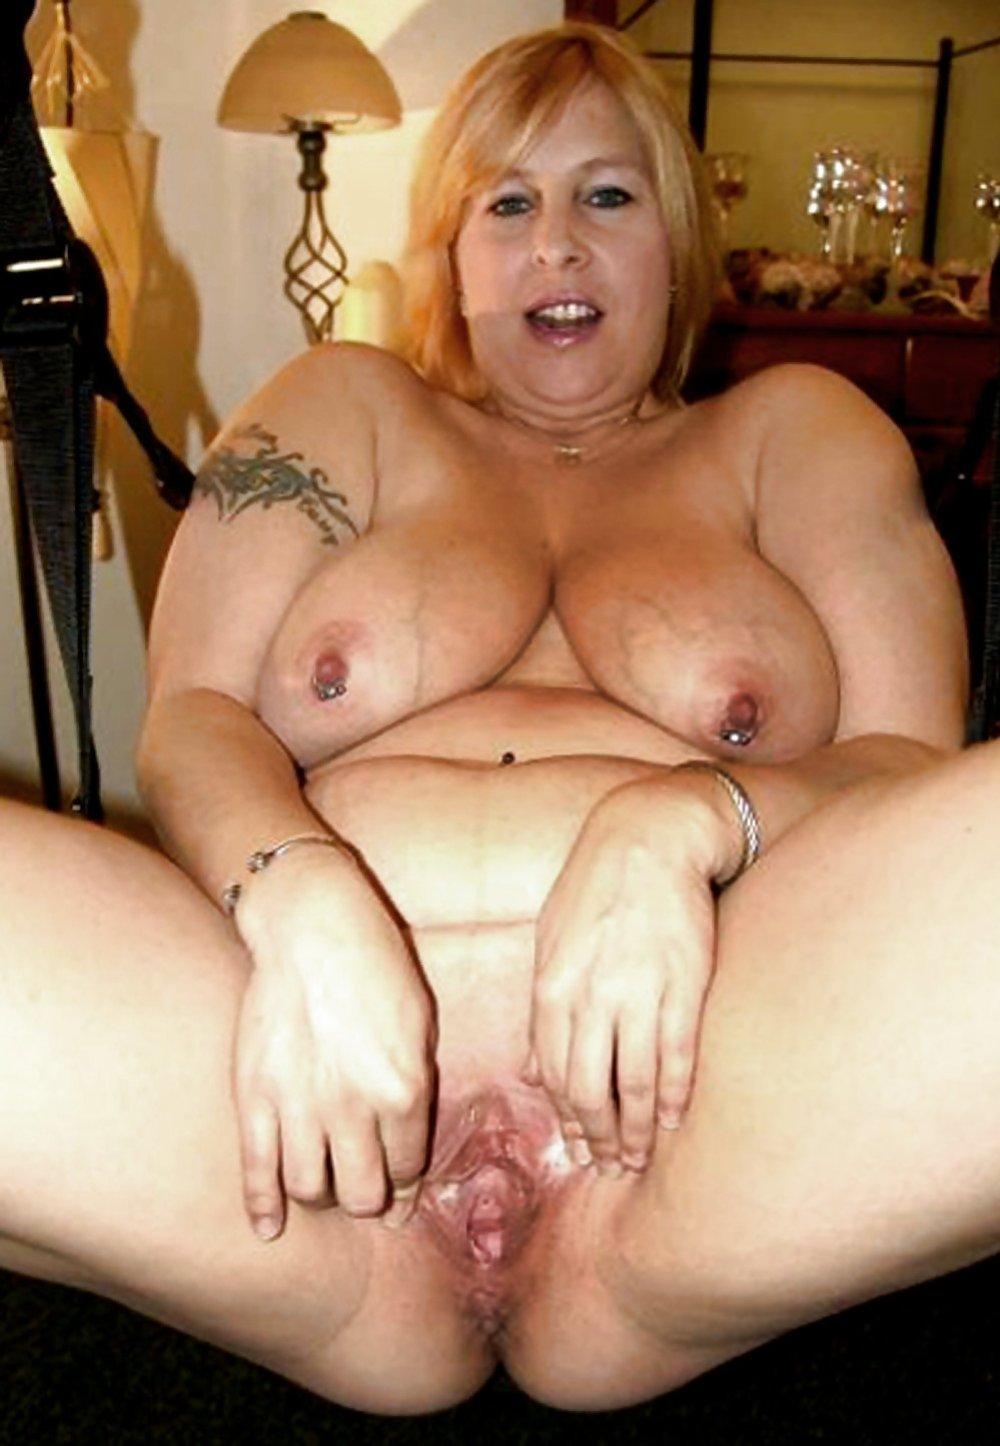 Porn Pix Maria ozawa bukkake